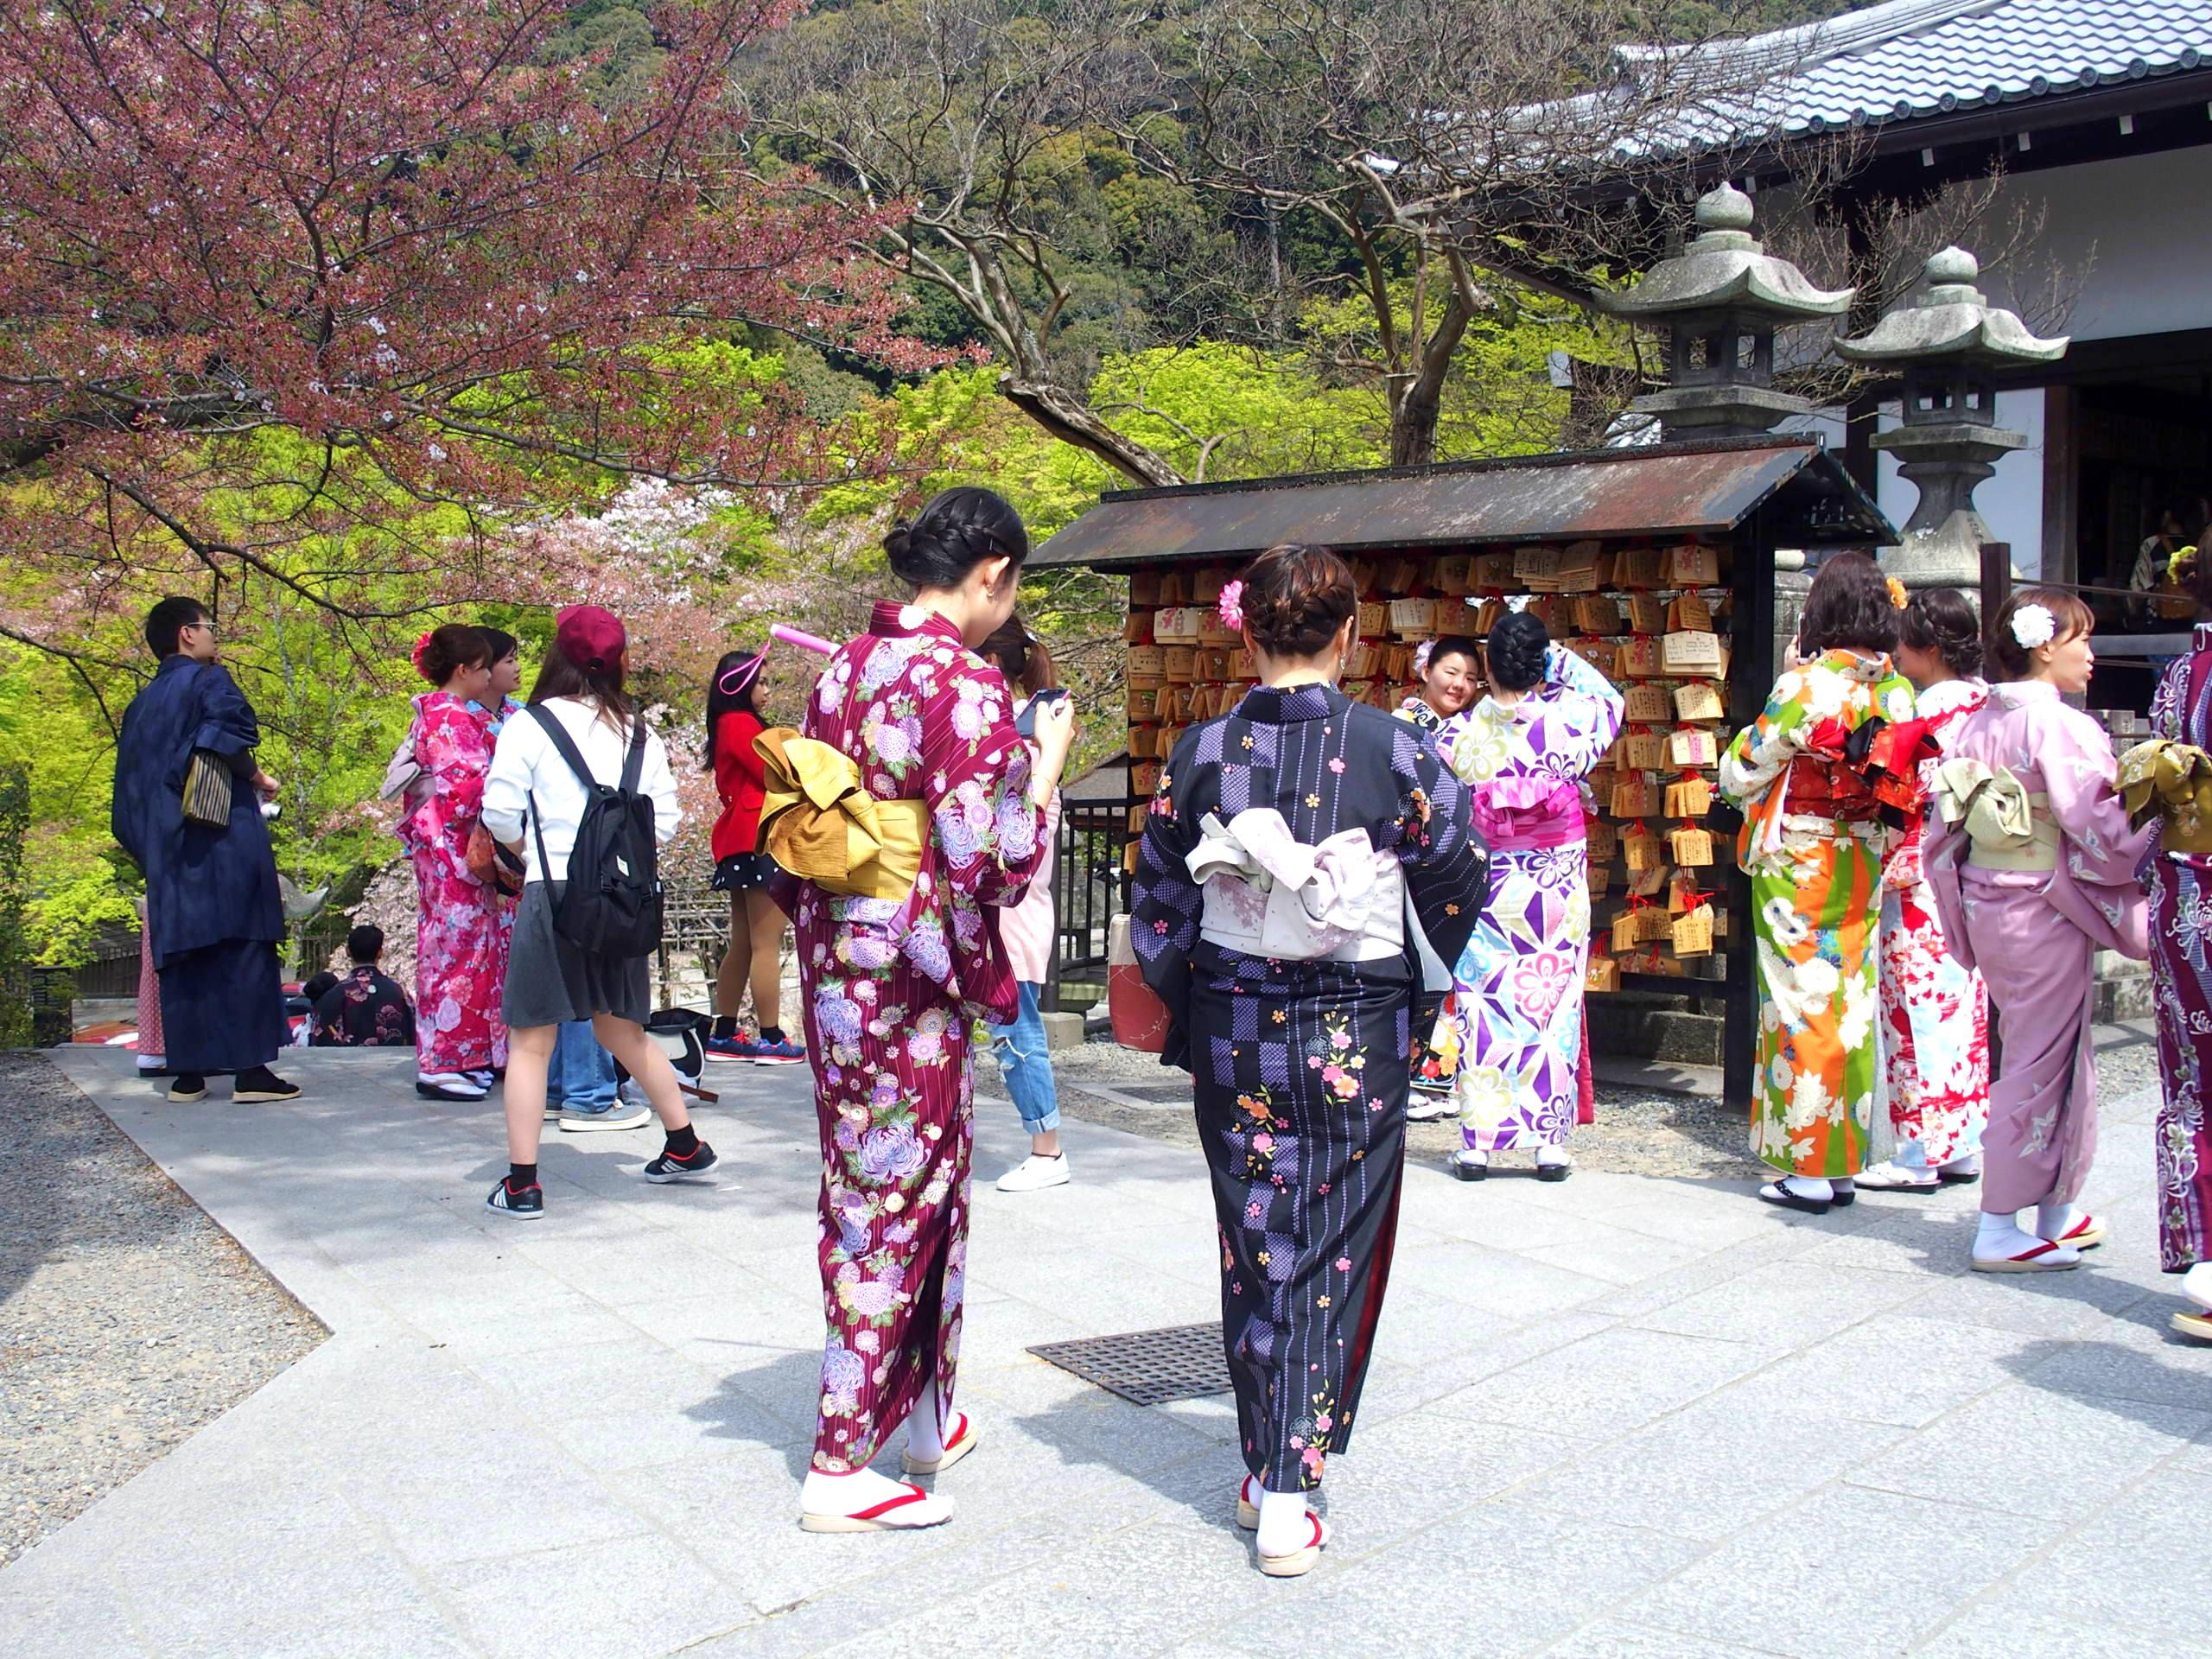 Visiteurs japonais au temple Kiyomizu-Dera Kyoto